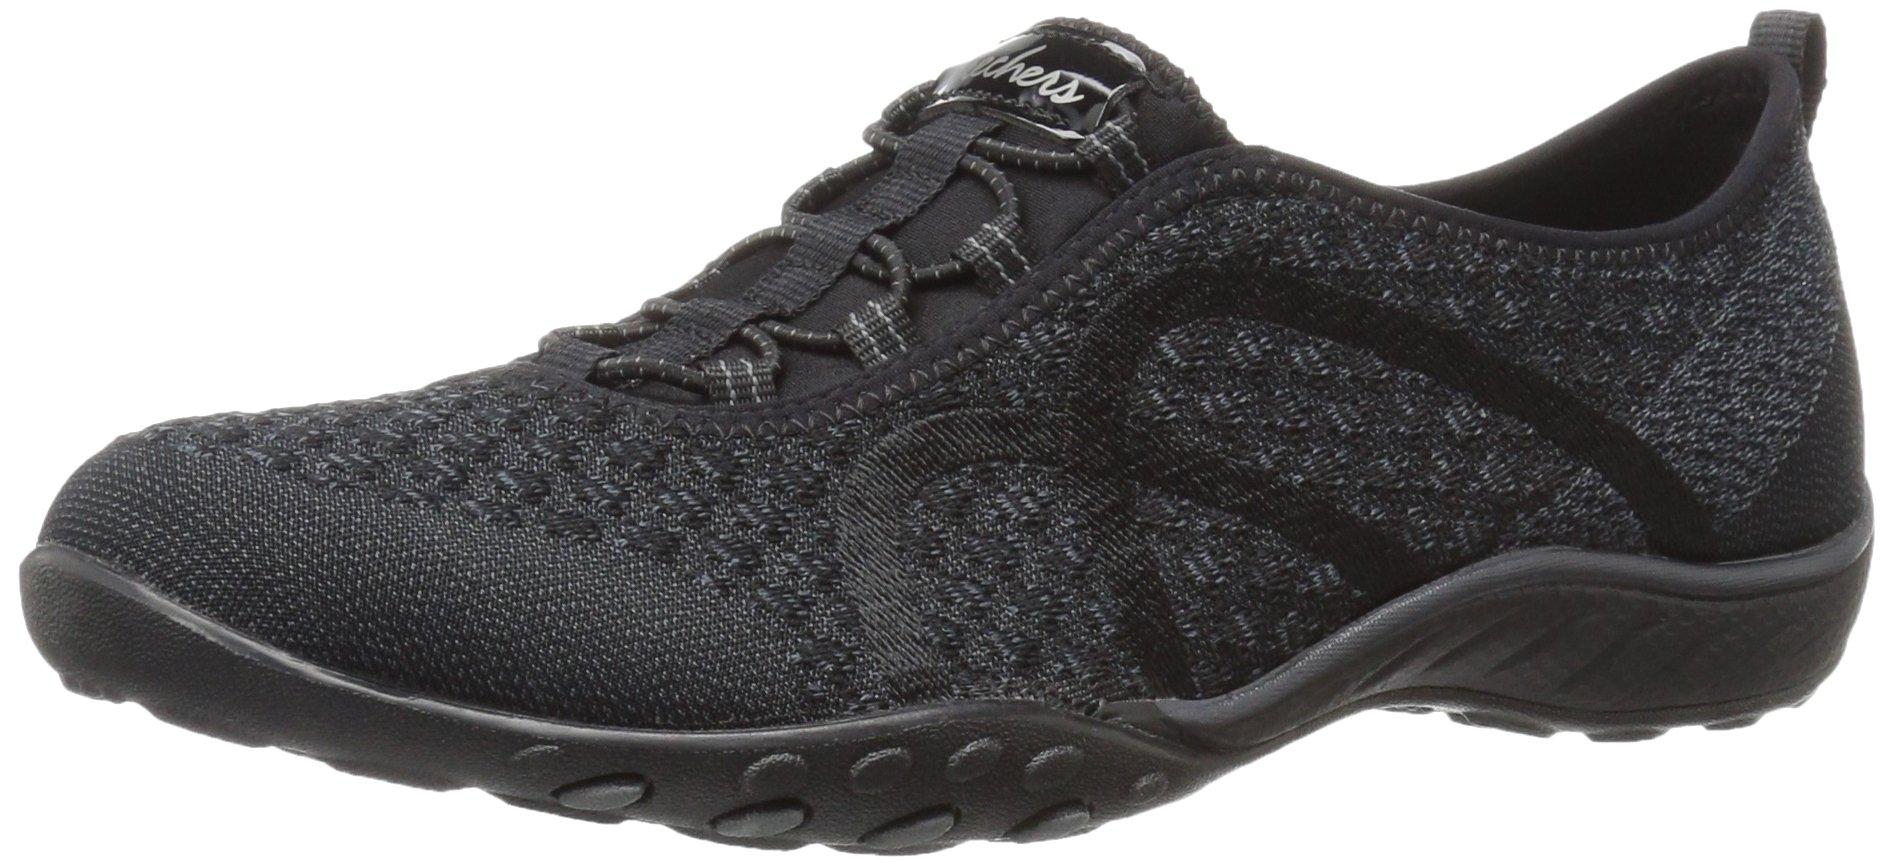 Skechers Sport Women's Breathe Easy Fortune Fashion Sneaker,Black Knit,5.5 M US by Skechers (Image #1)